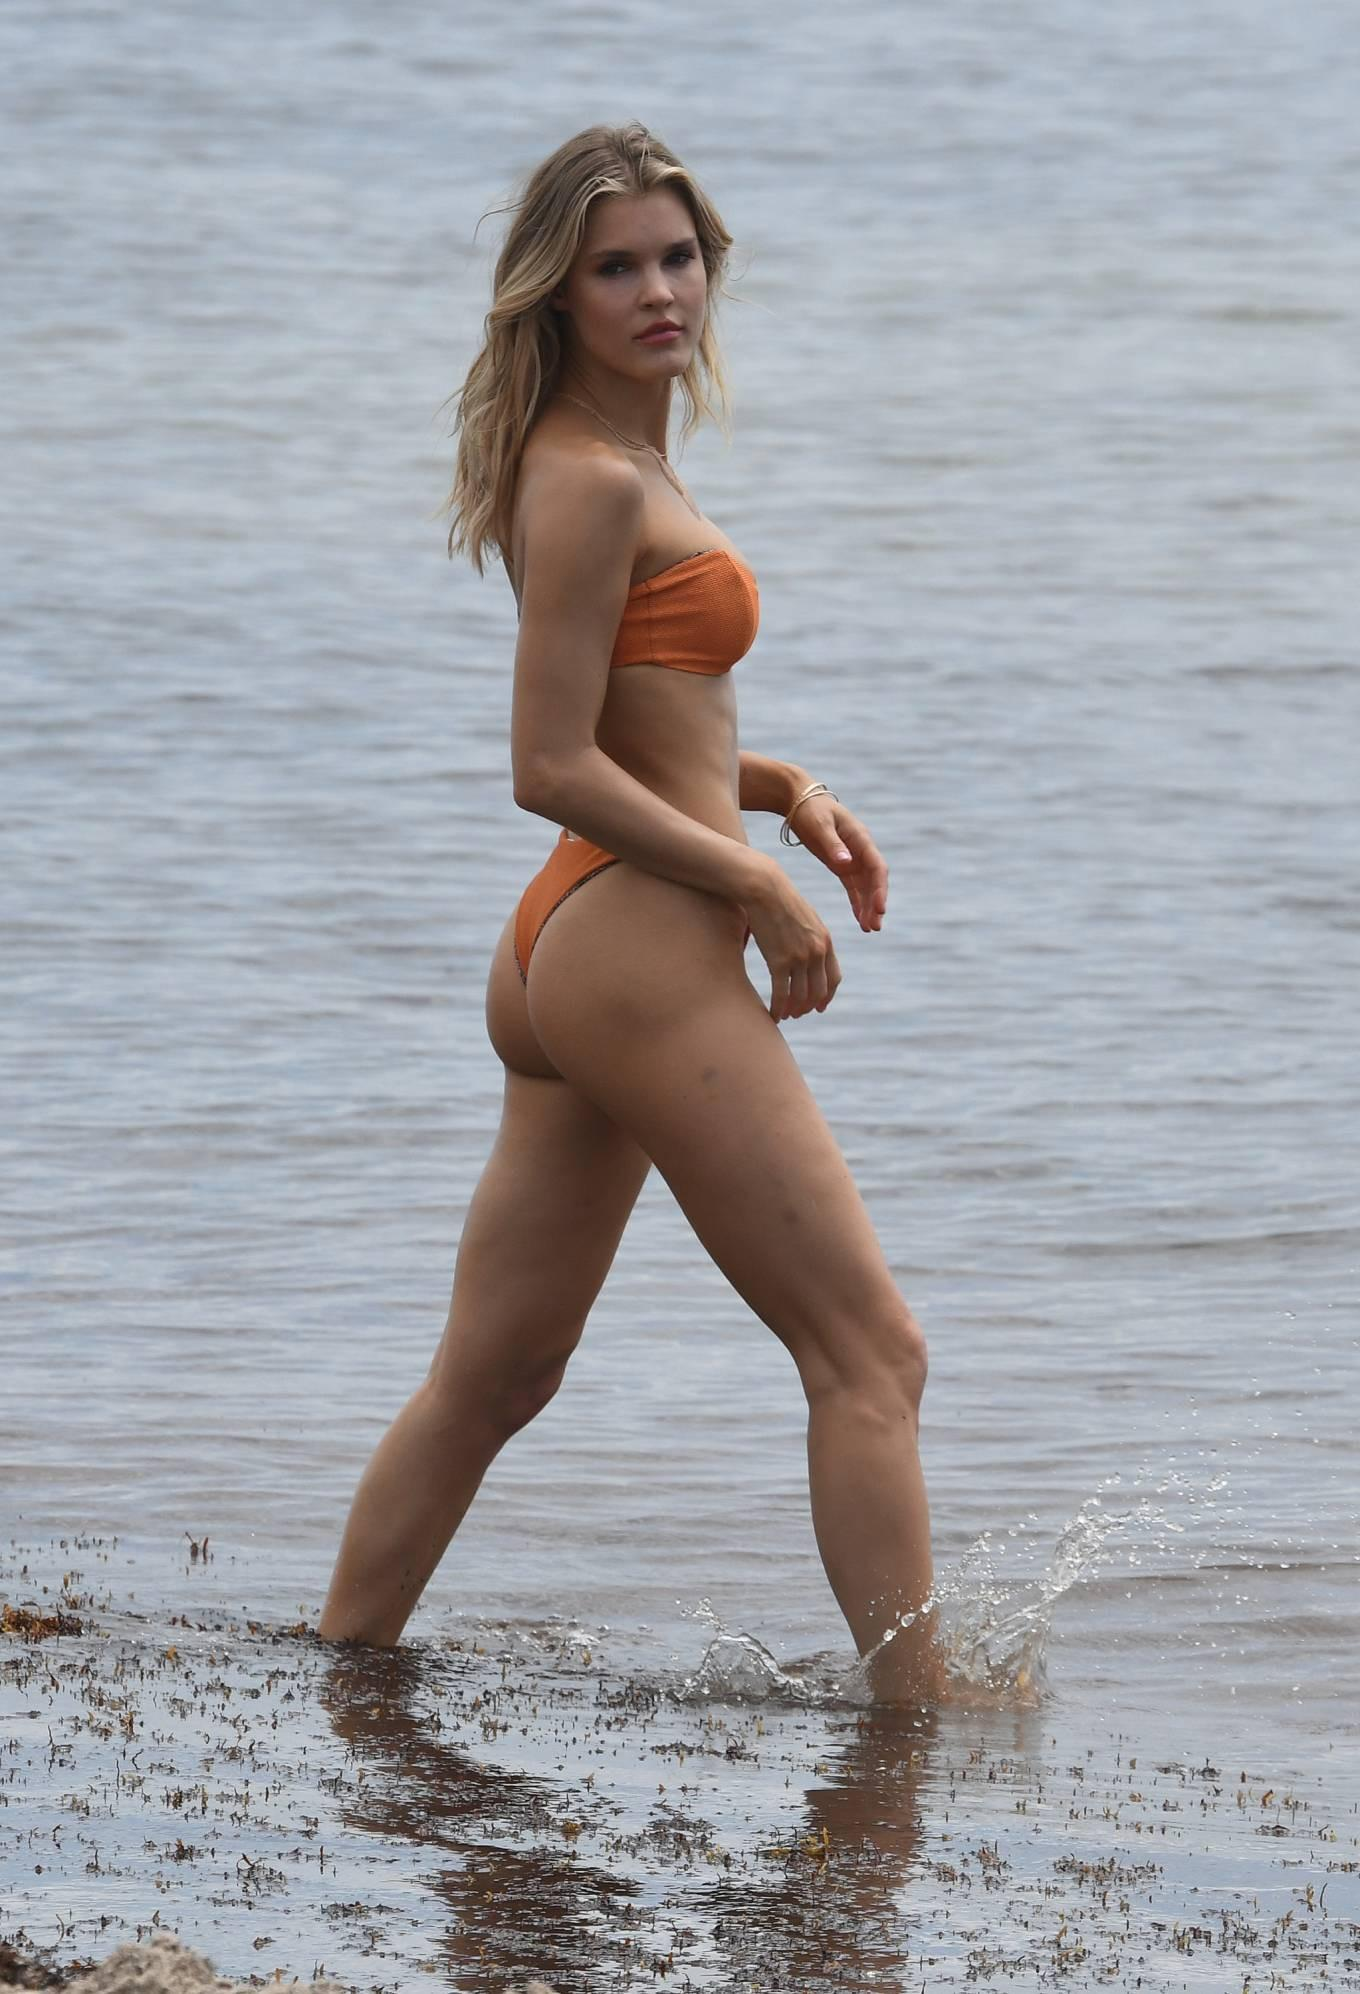 Hậu trường chụp bikini cực nóng bỏng của mẫu 9x Joy Corrigan Ảnh 20